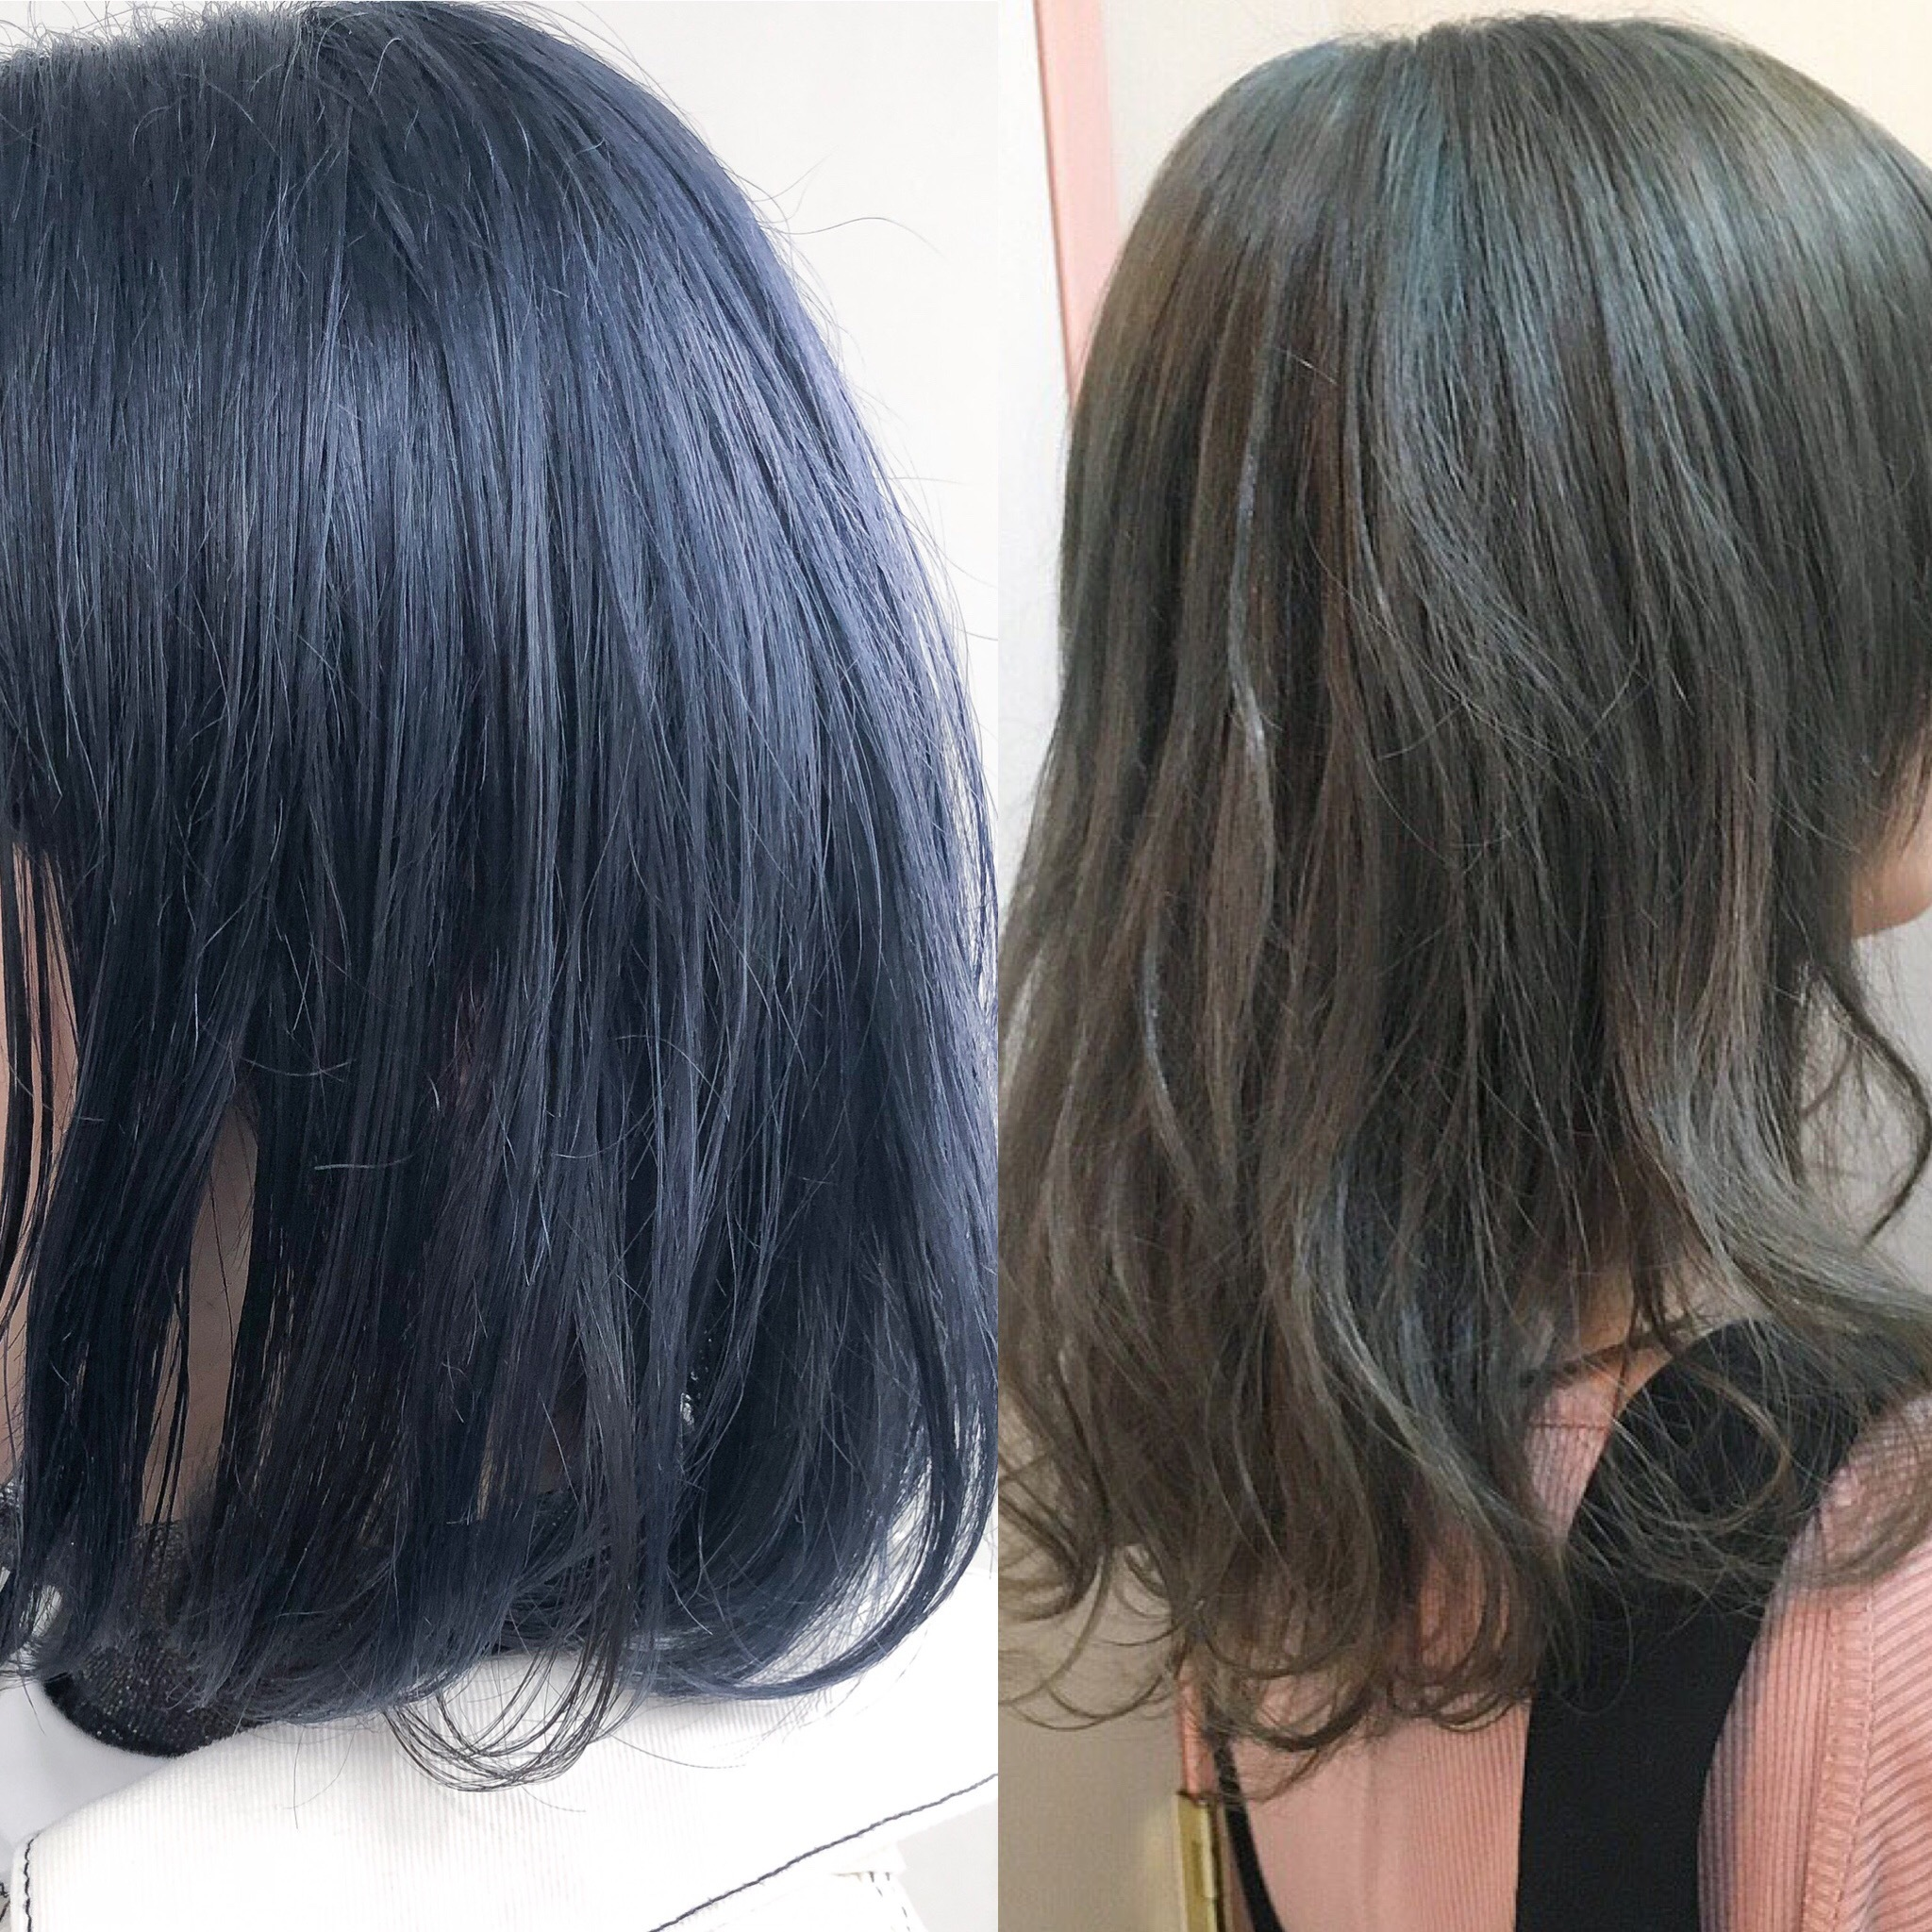 イエベで黒髪や寒色系が似合わない人 パーソナルカラー診断 Q A